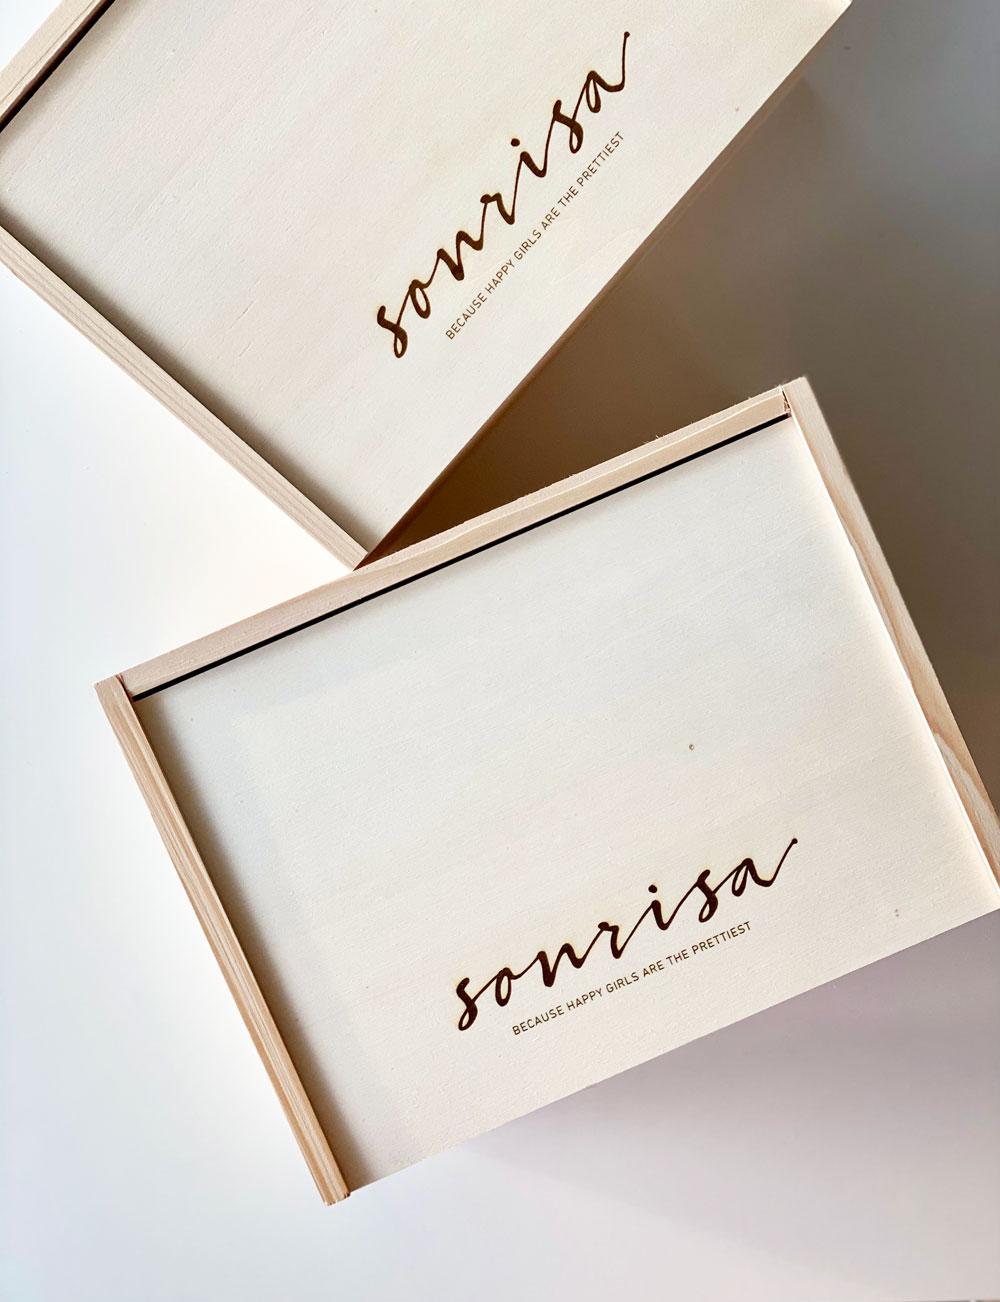 sonrisa feiert das vierjährige (!) Jubiläum und verlost zur Feier des Tages zwei exklusive sonrisa-Geschenkboxen mit Feel-Good-Favoriten von tollen Girlbosses!